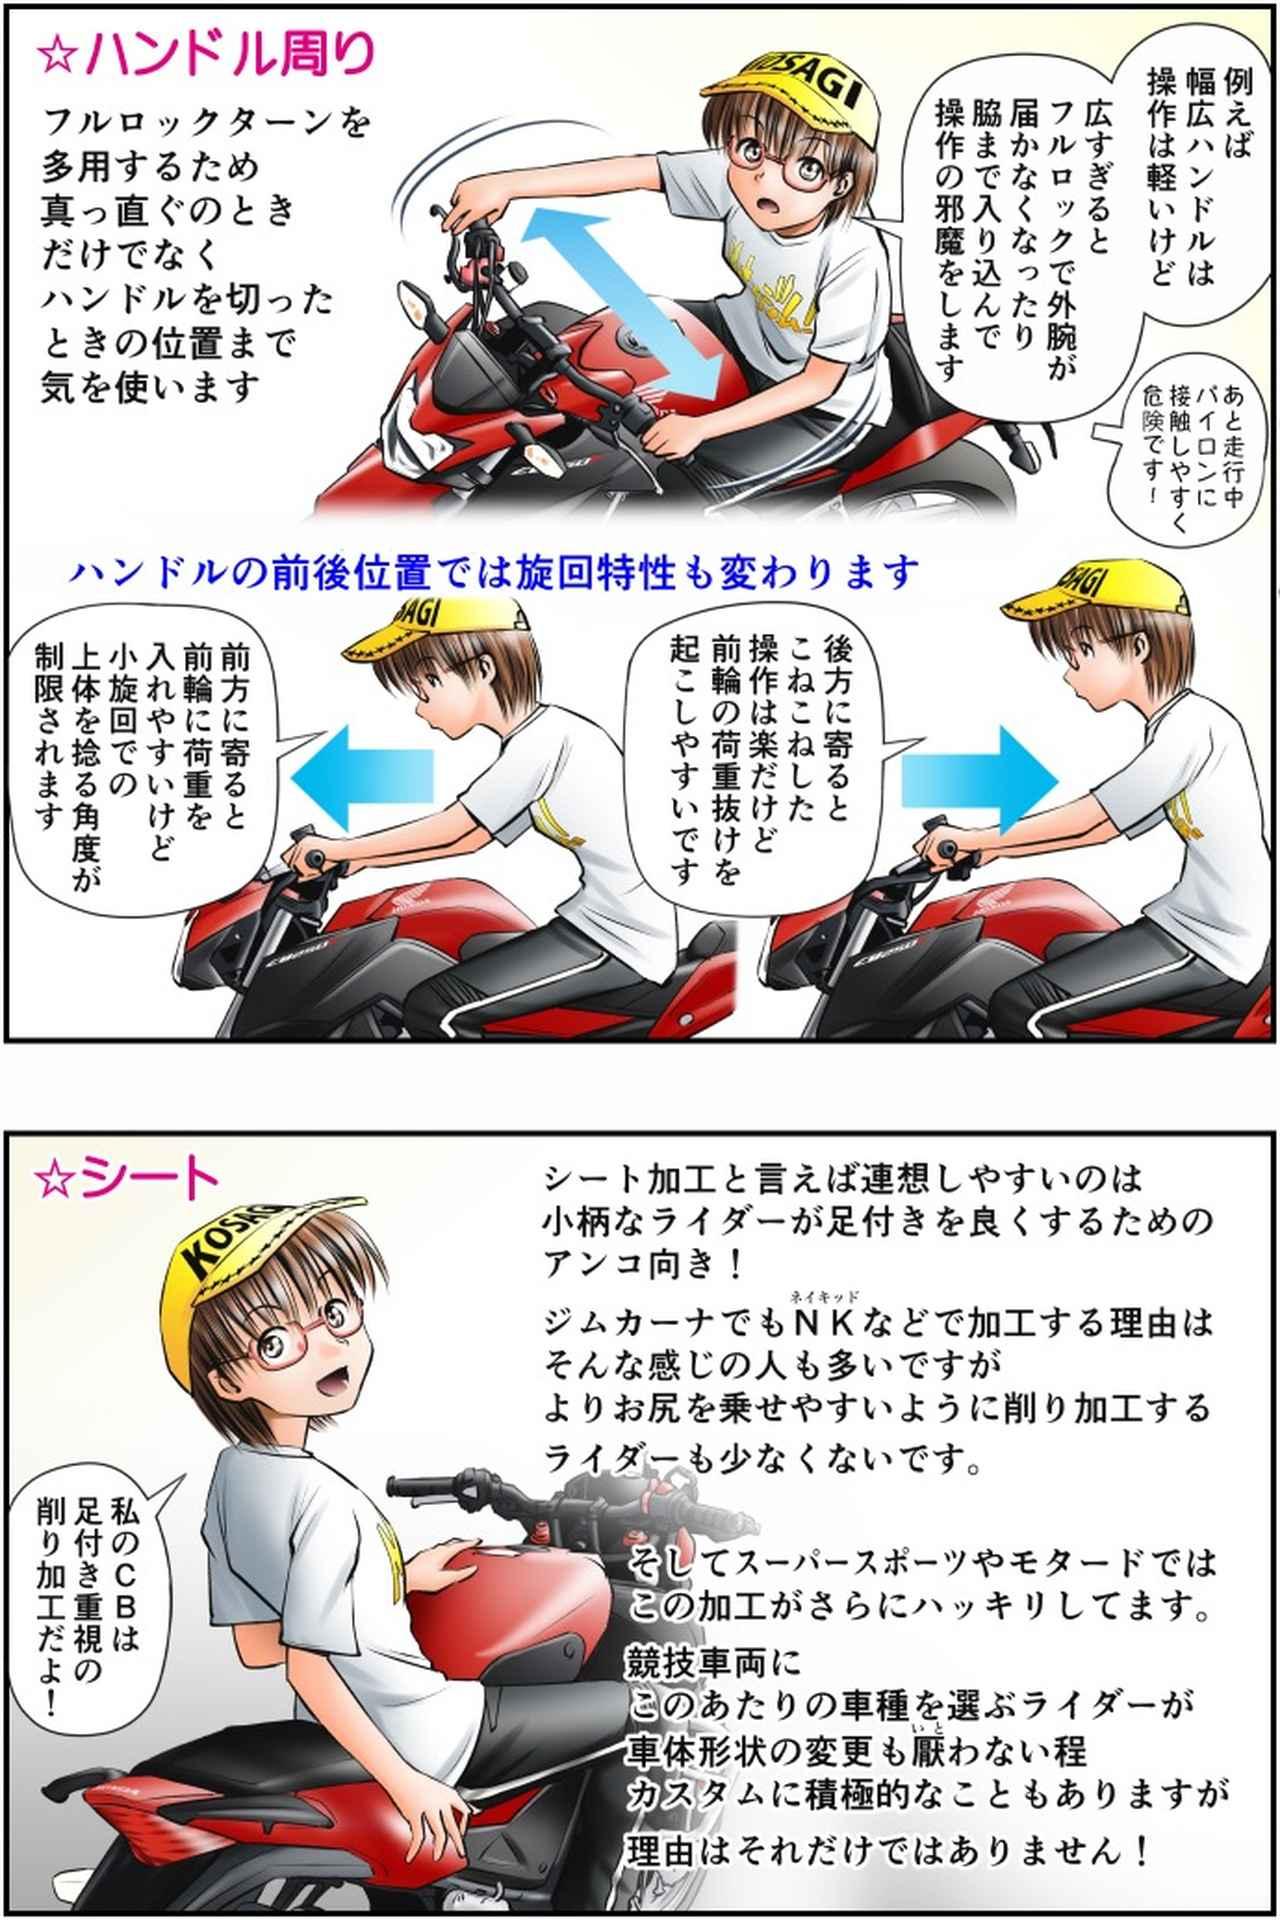 画像3: Motoジム! おまけのコーナー (ジムカーナ向けのライポジとそのカスタム)  作・ばどみゅーみん